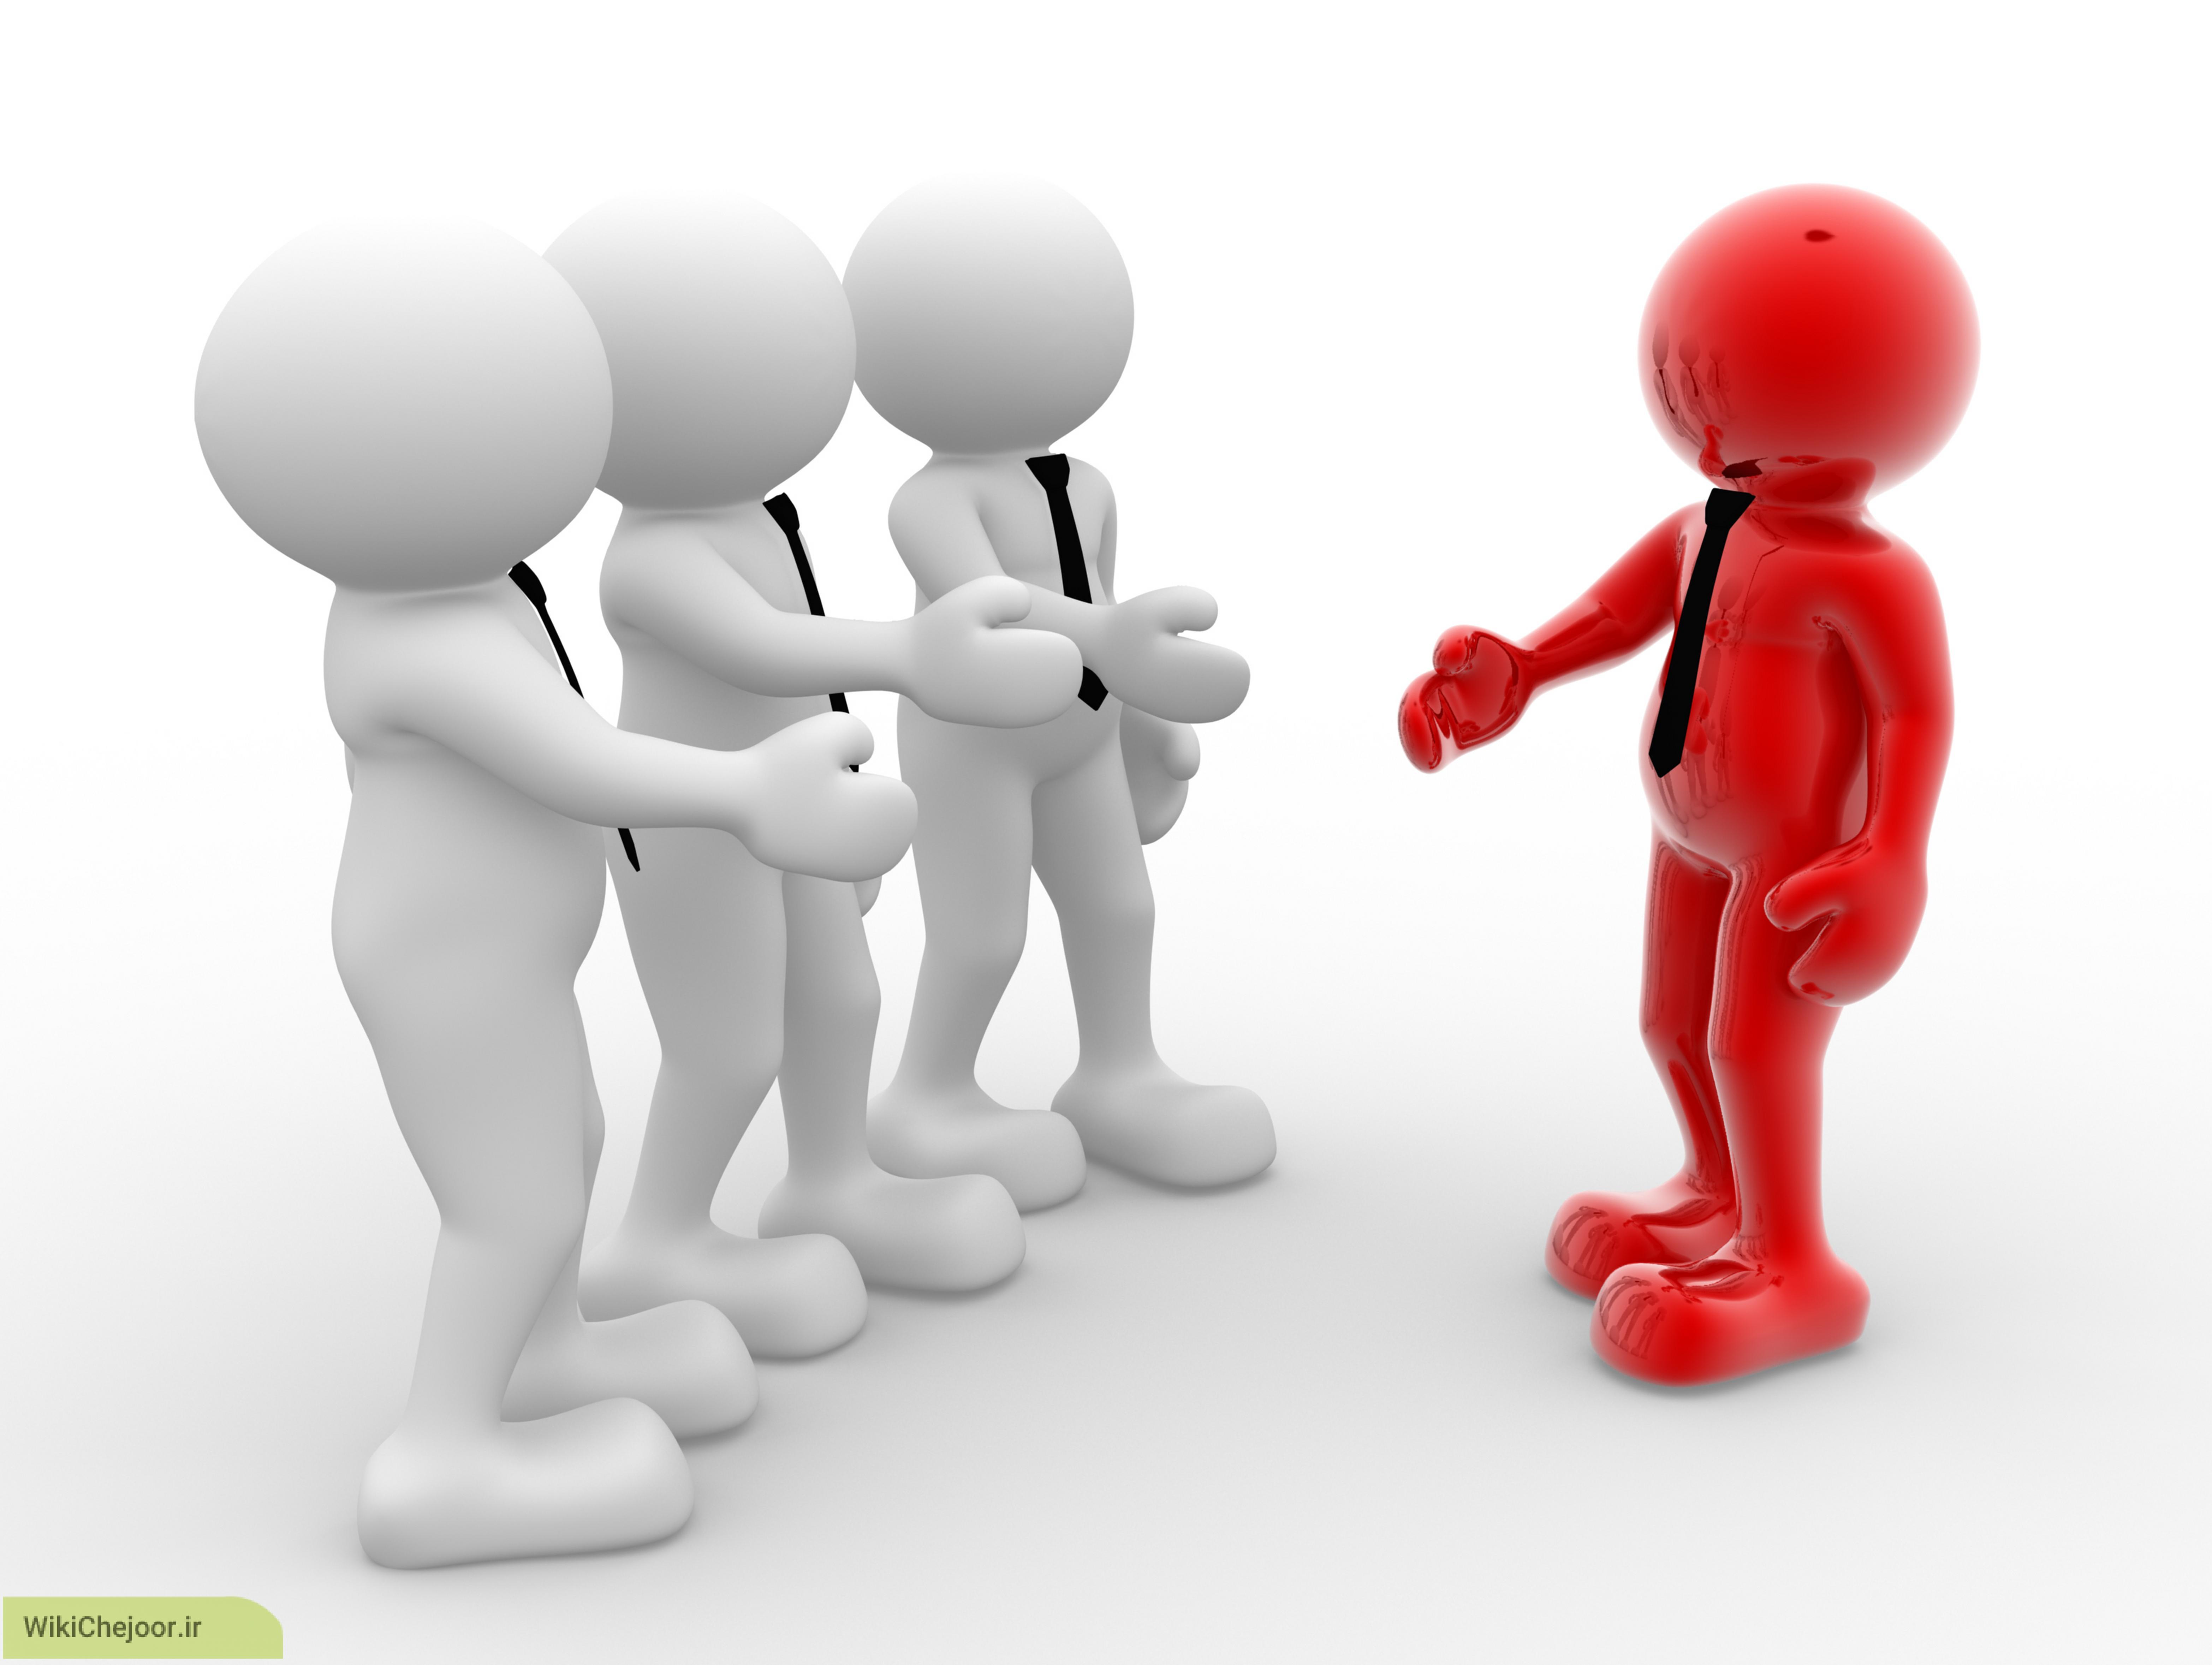 چگونه بفهمیم مشتریان ما چه کسانی هستند؟